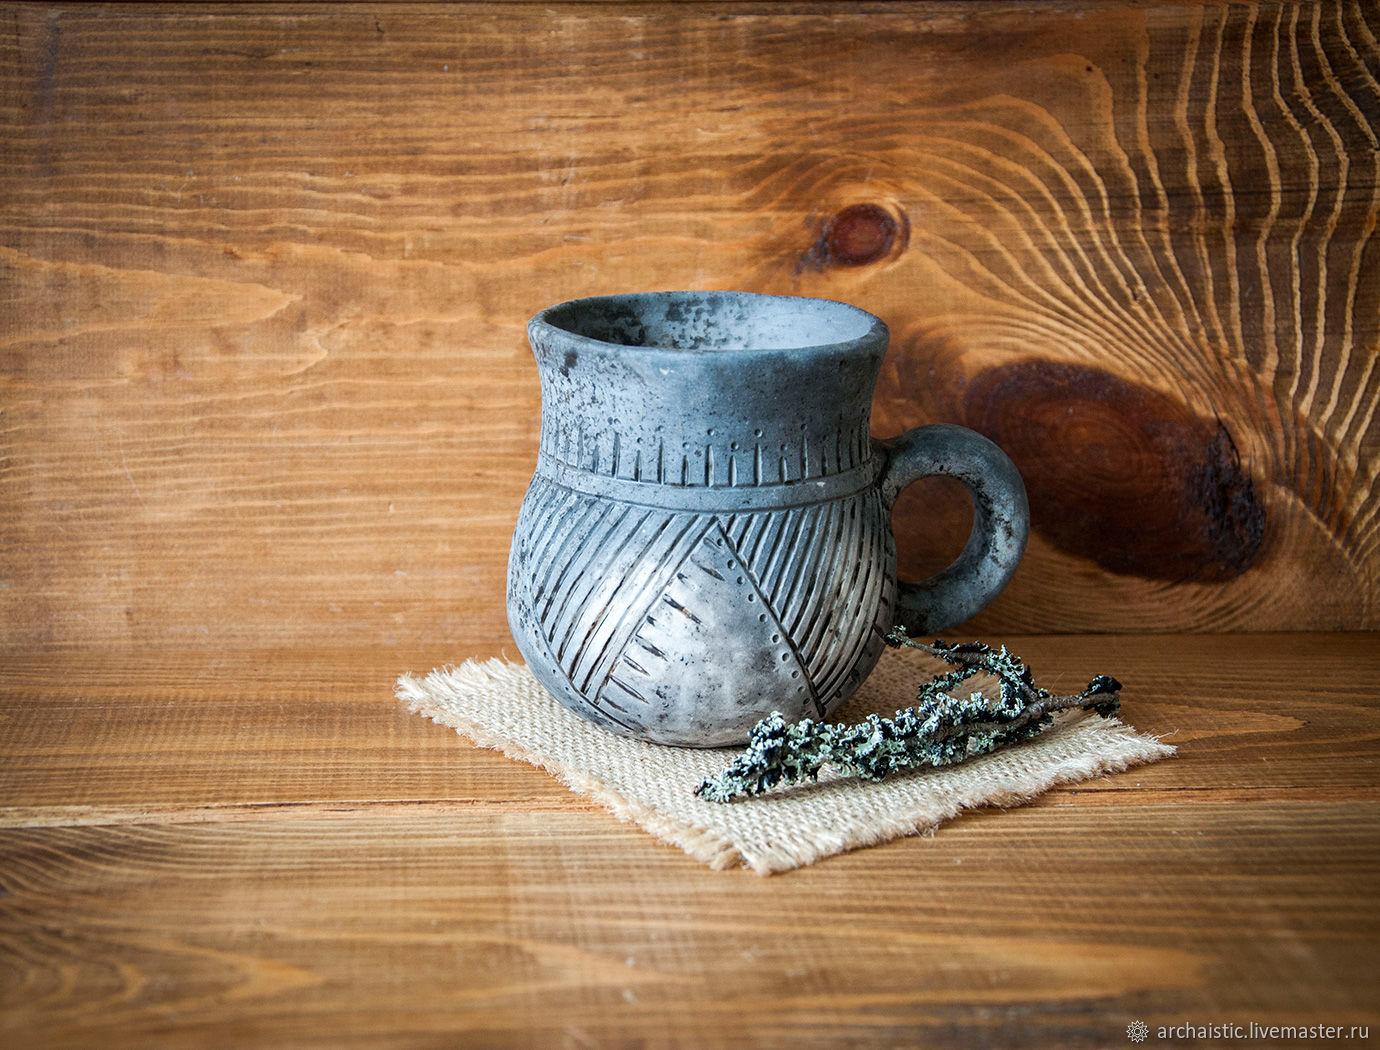 Кружки и чашки ручной работы. Ярмарка Мастеров - ручная работа. Купить Кружка с орнаментом обварная. Handmade. Необычный, серый цвет